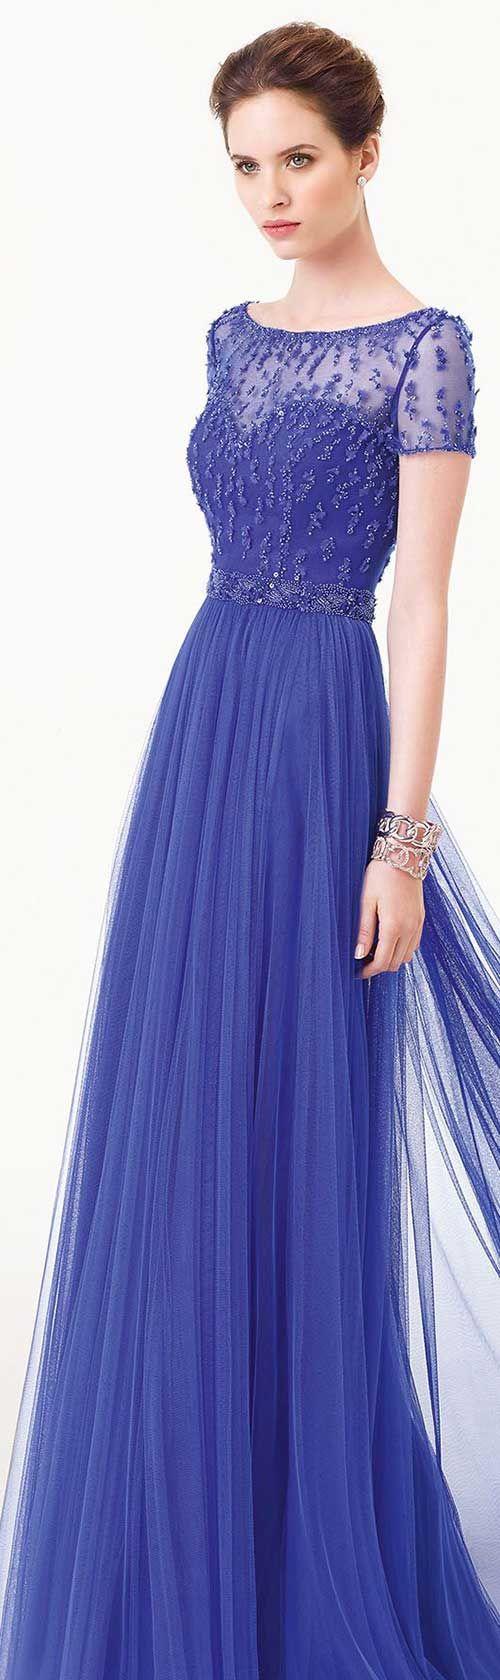 Mavi Uzun Abiye Elbise Modelleri